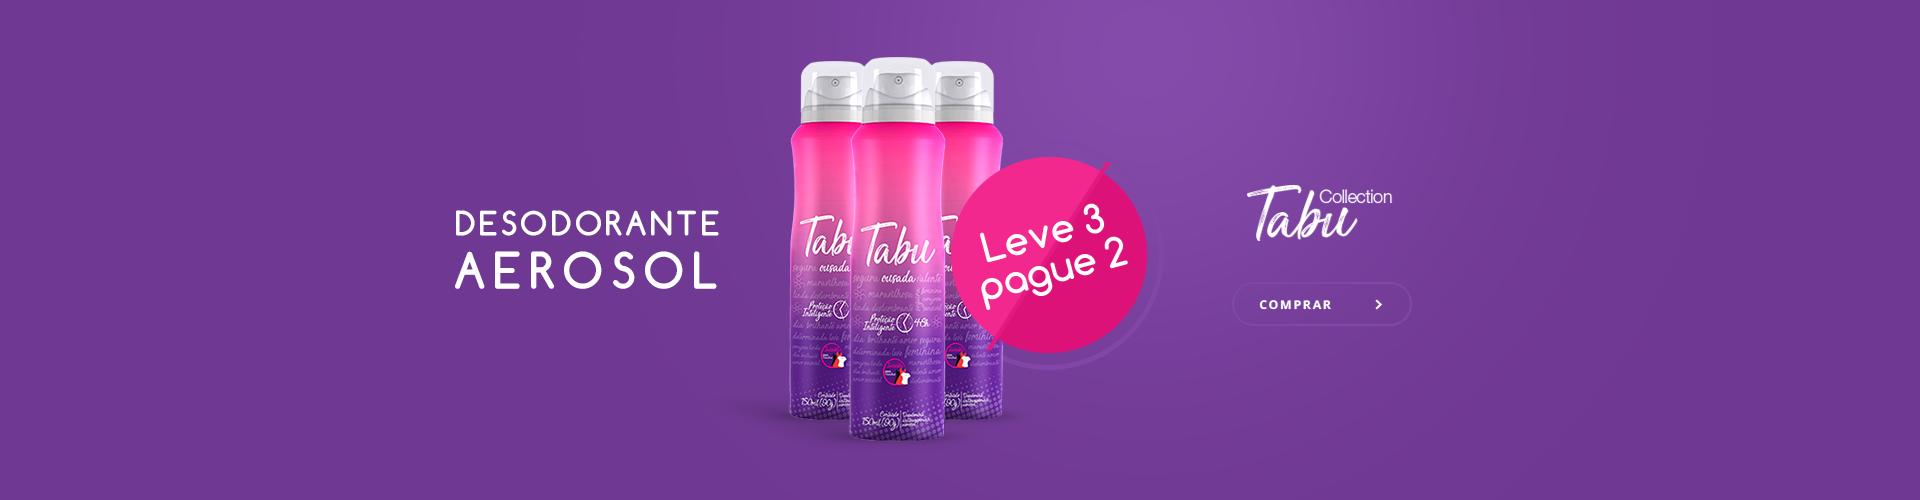 Desodorante Tabu